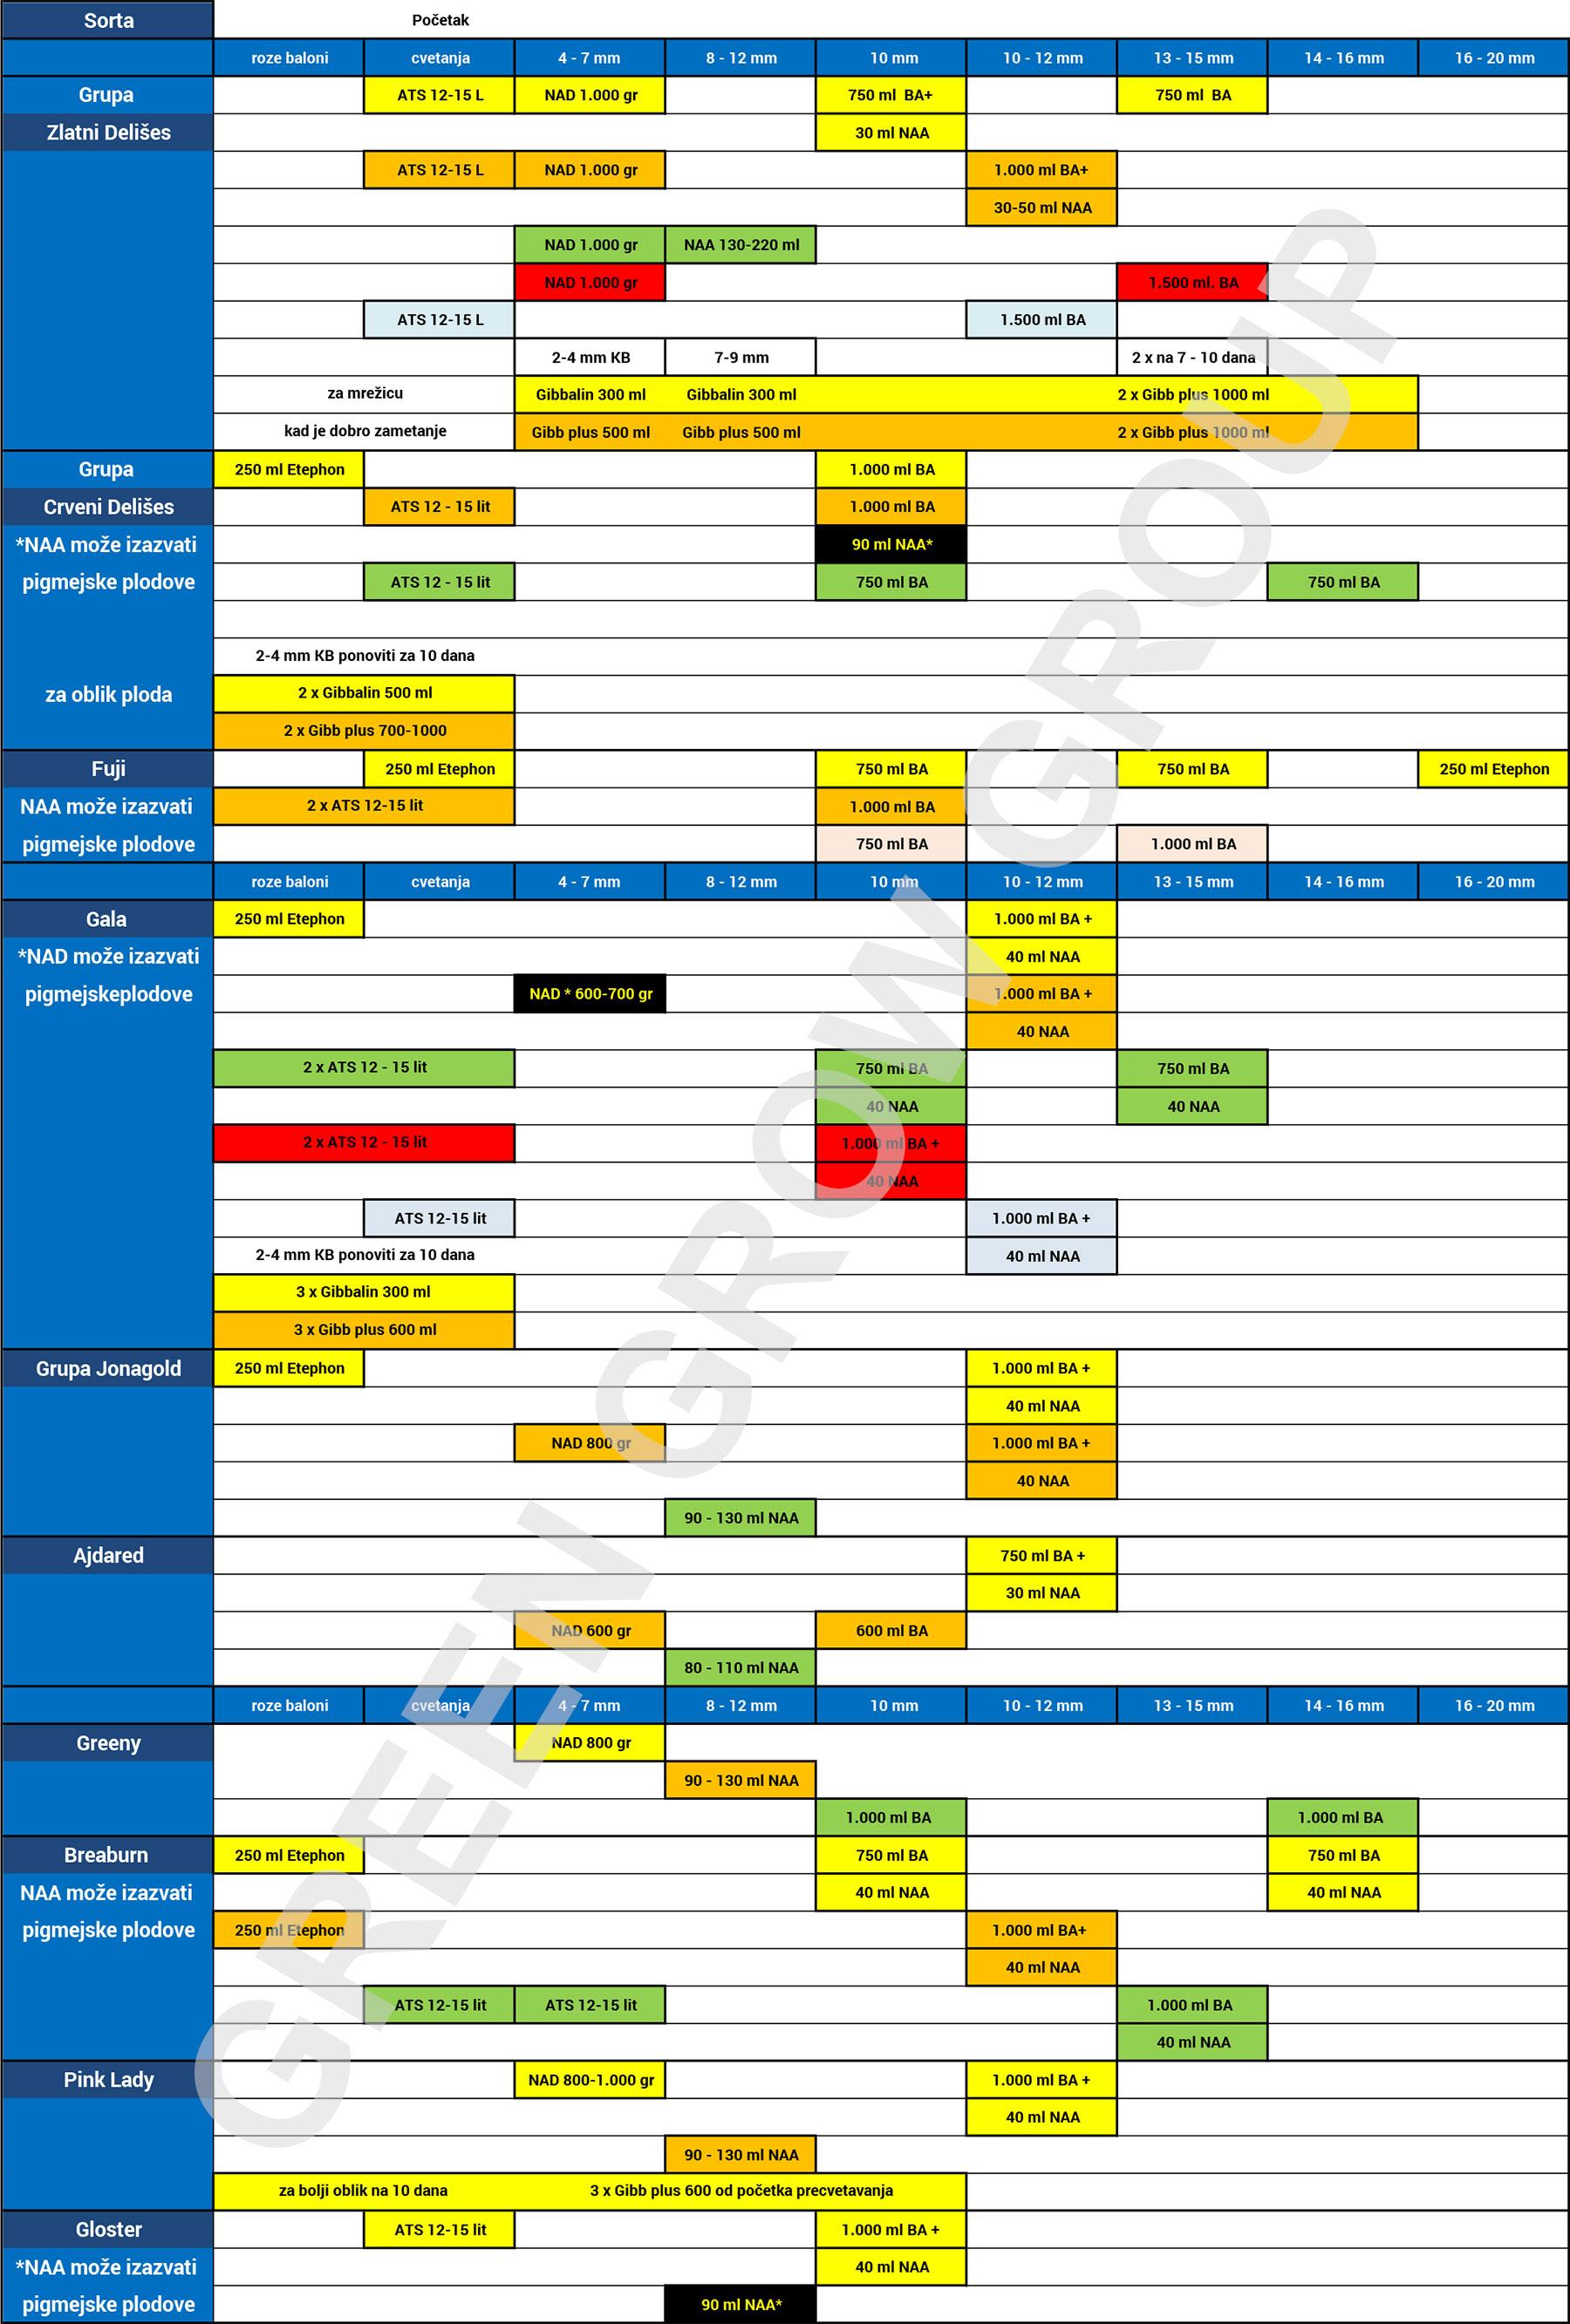 tabela primene bioregulatora u cilju hemijske prorede jabuka